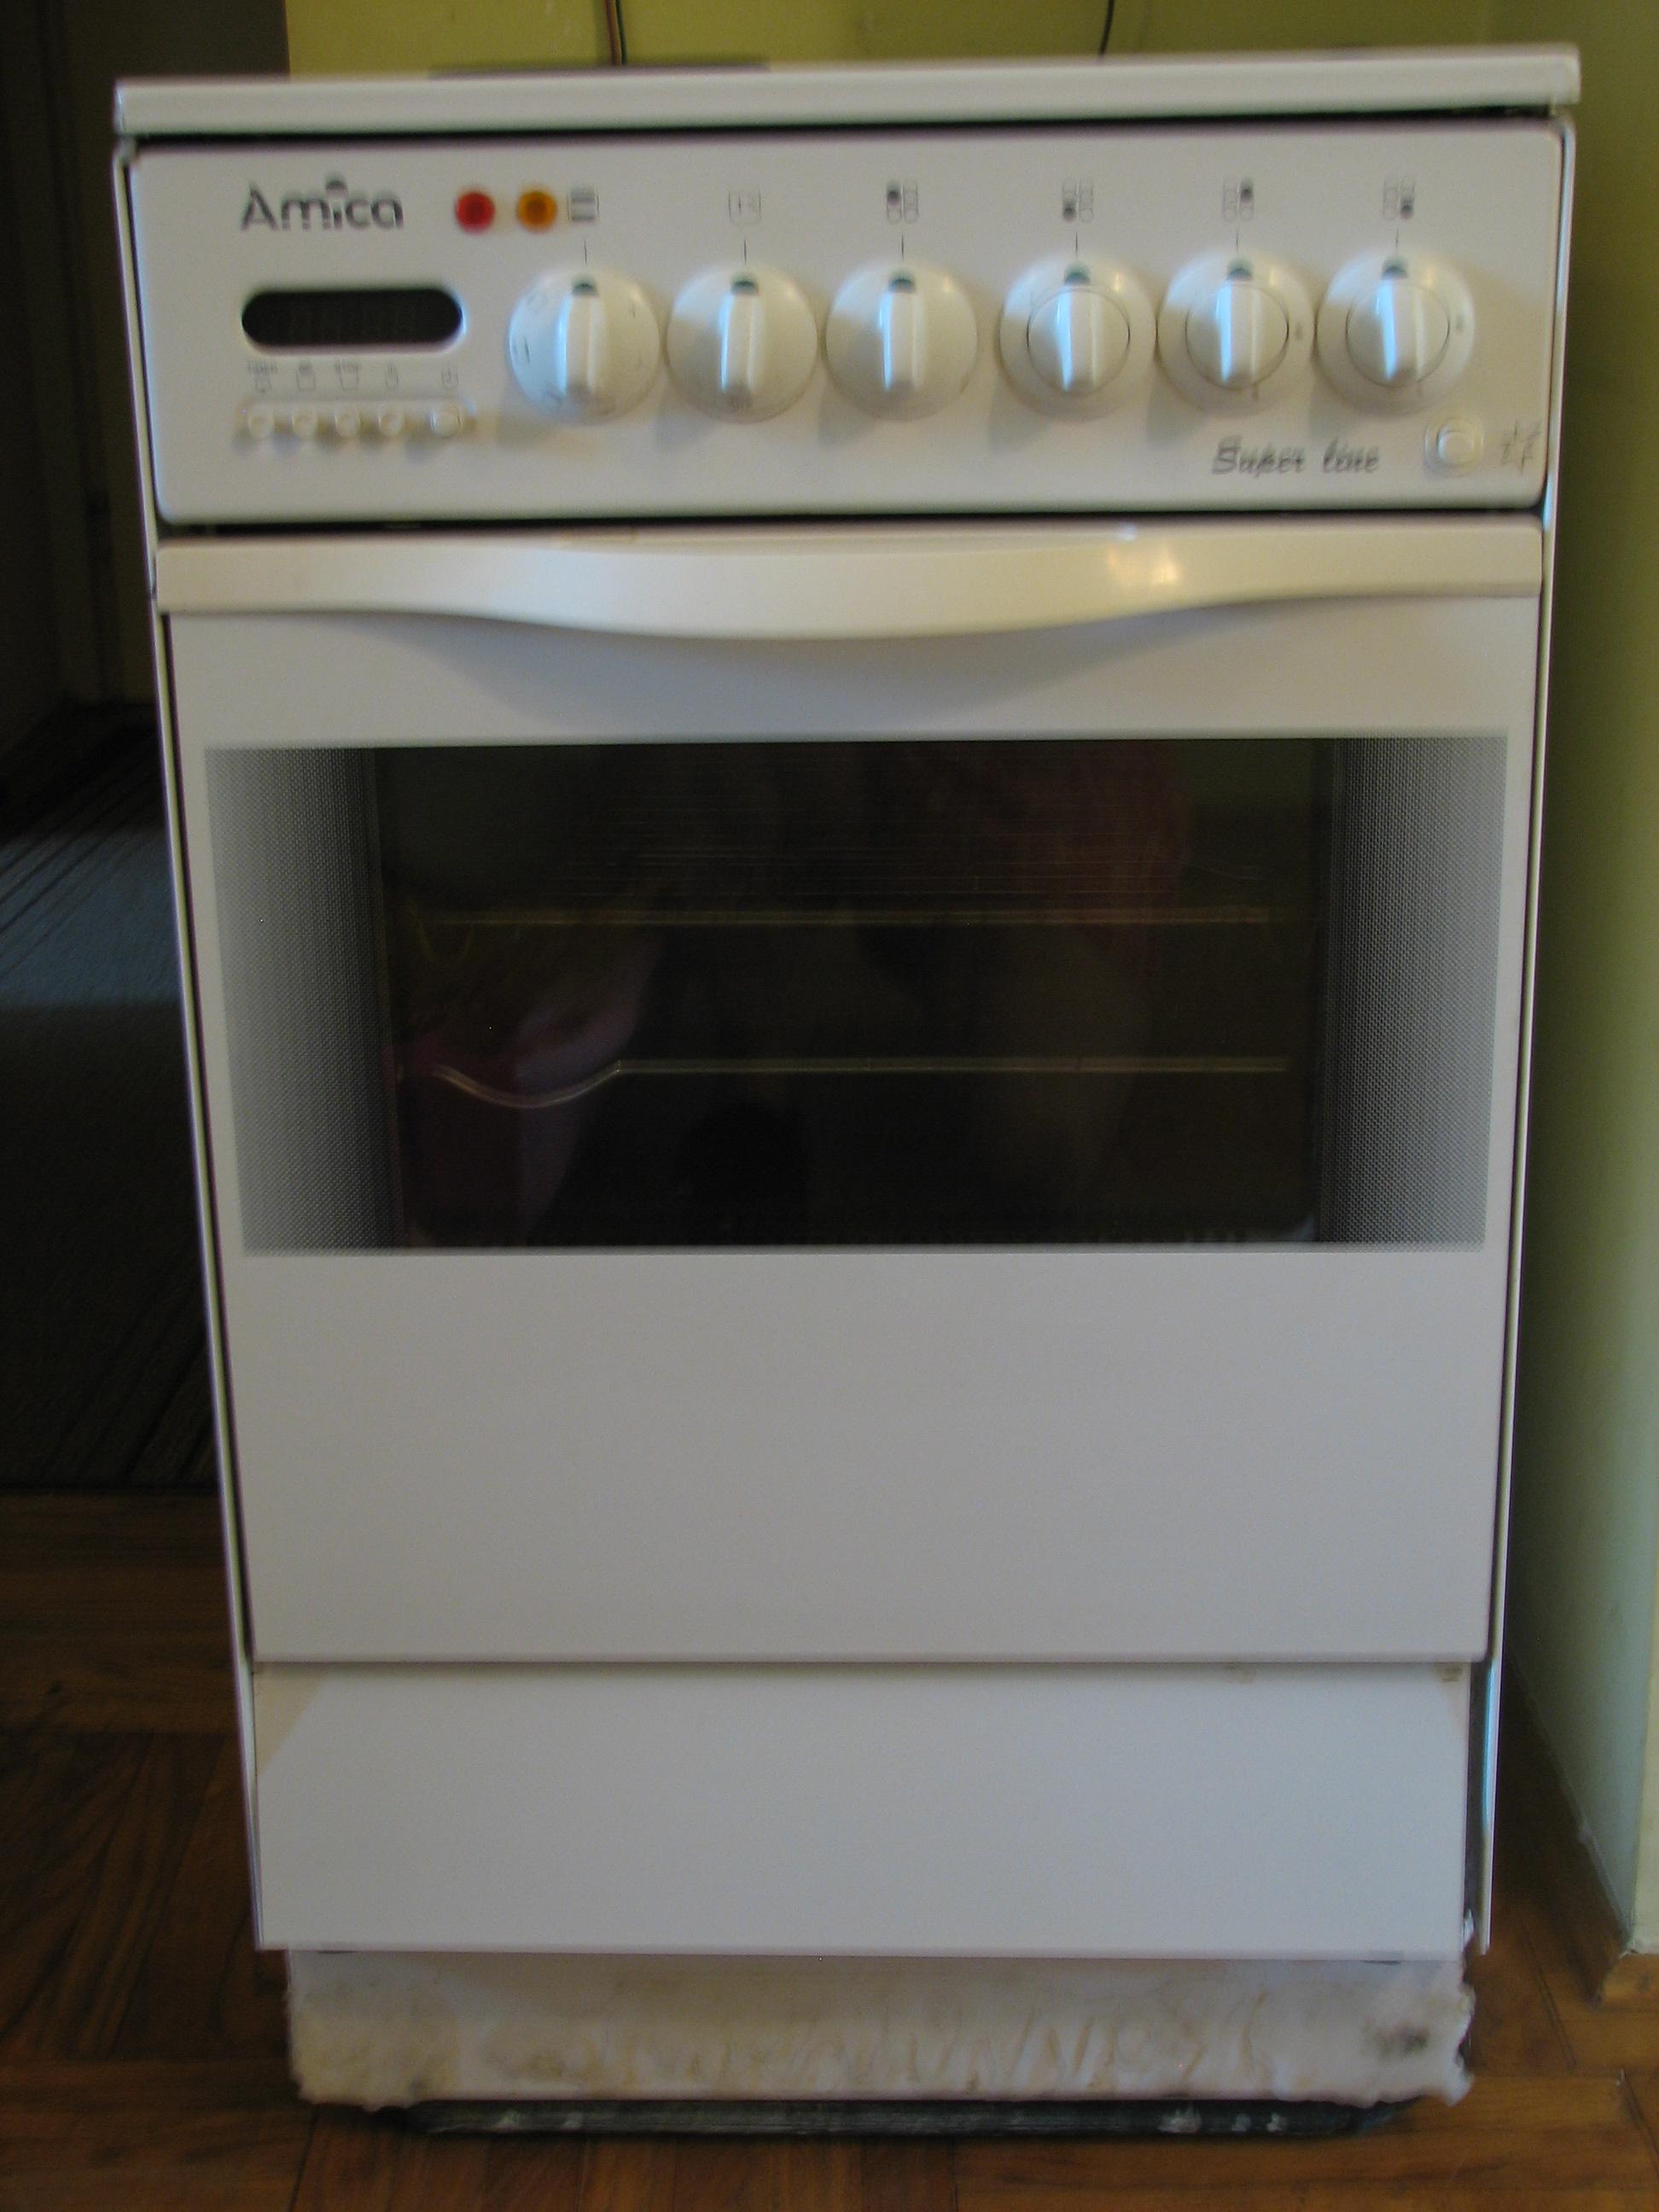 [Inne] kuchenka Amica Super Line z elektrycznym piekarnikiem i 1 palnikiem -> Kuchnia Amica Super Line Instrukcja